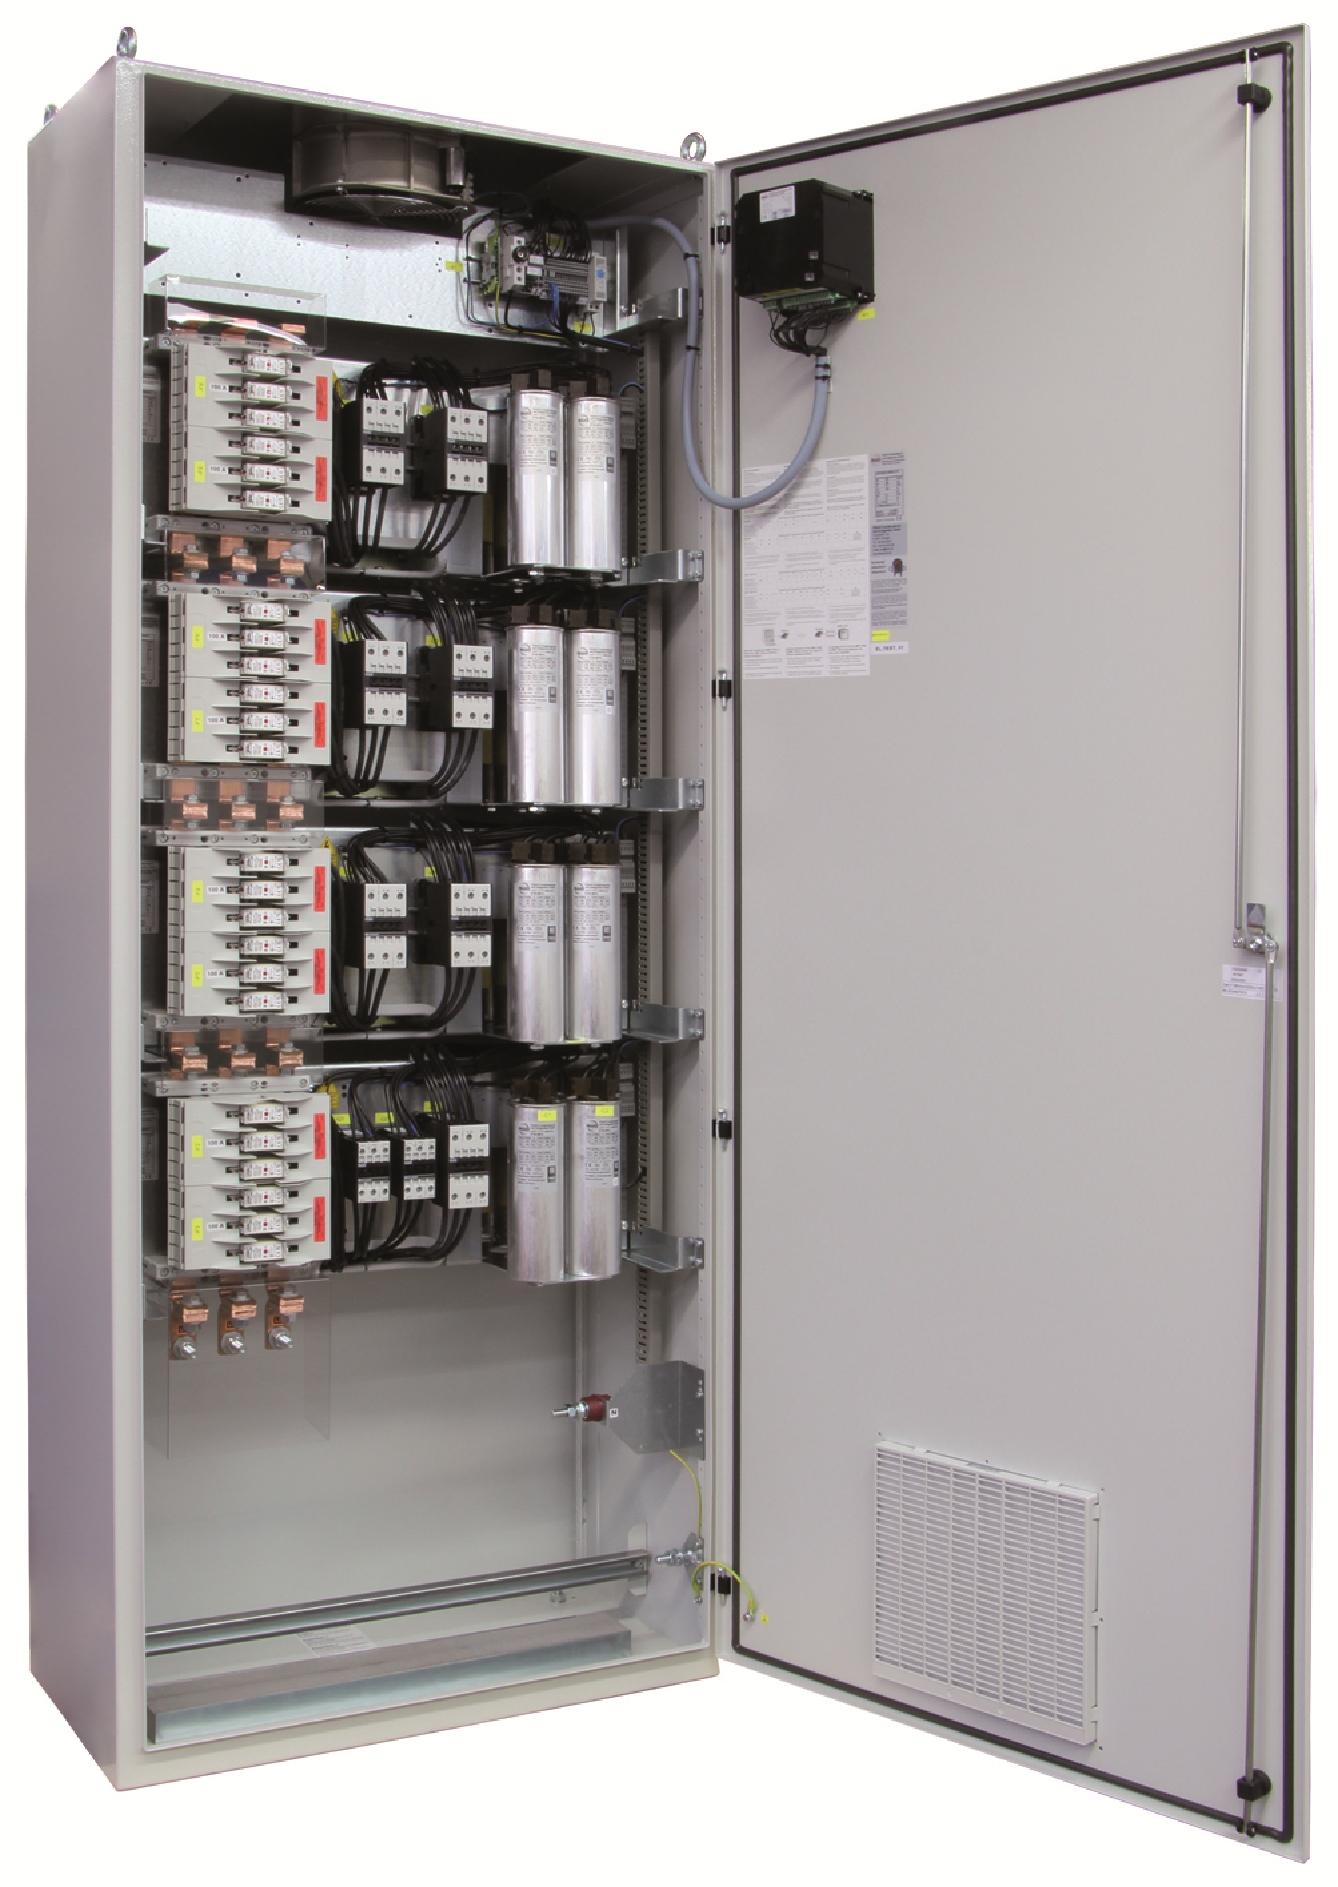 1 Stk Kompensation LSFC 7% 300/25kvar 800x2000x400mm FR3422679-